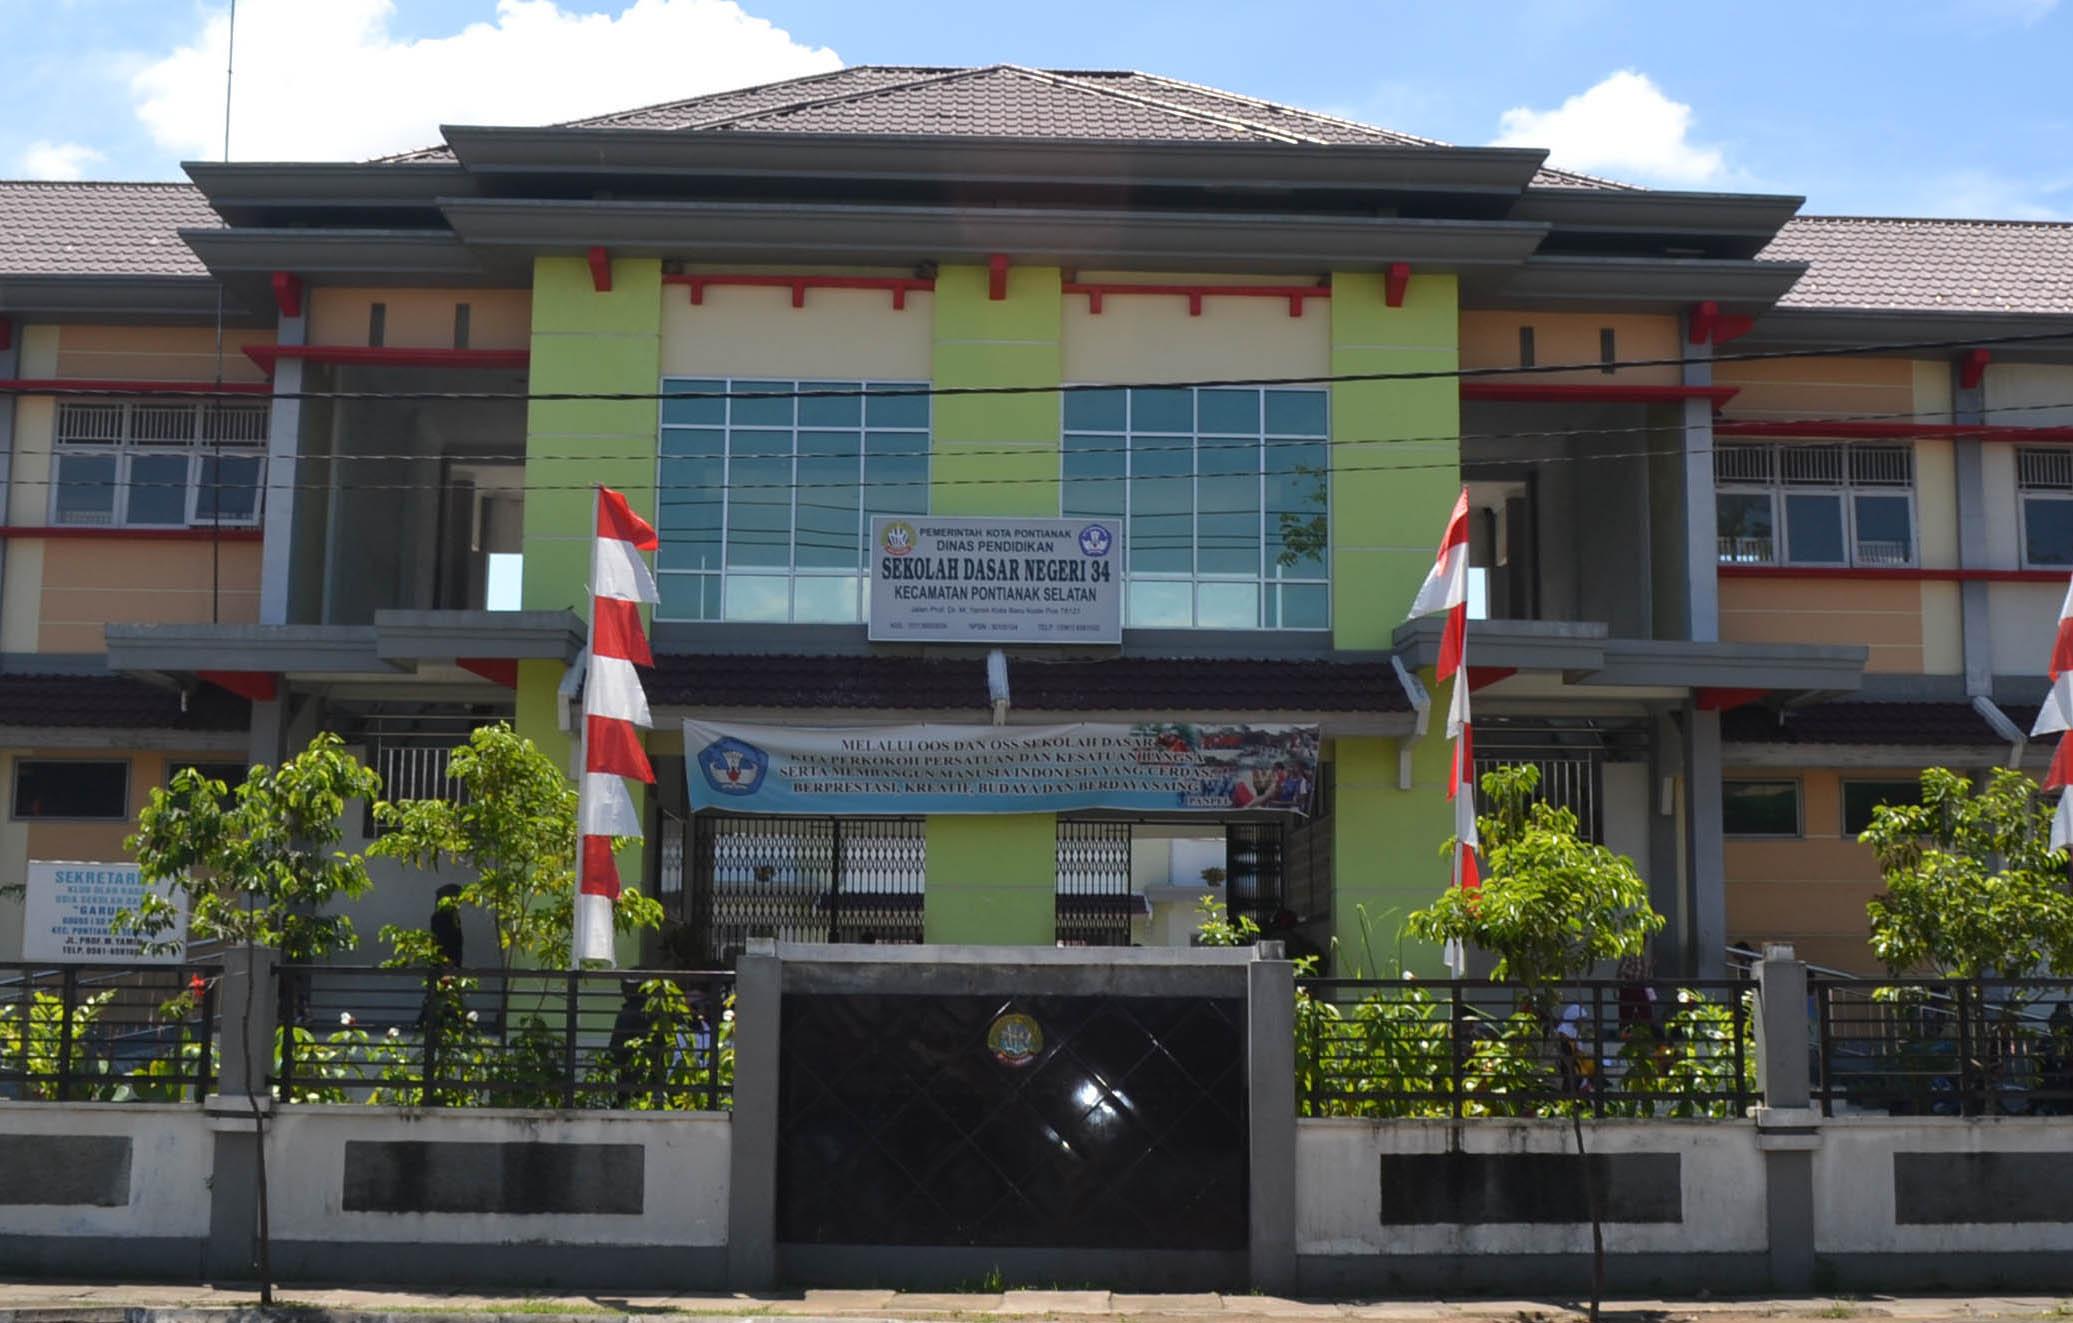 Sekolah Kita Slideshow Maker Musium Kalimantan Barat Kab Pontianak